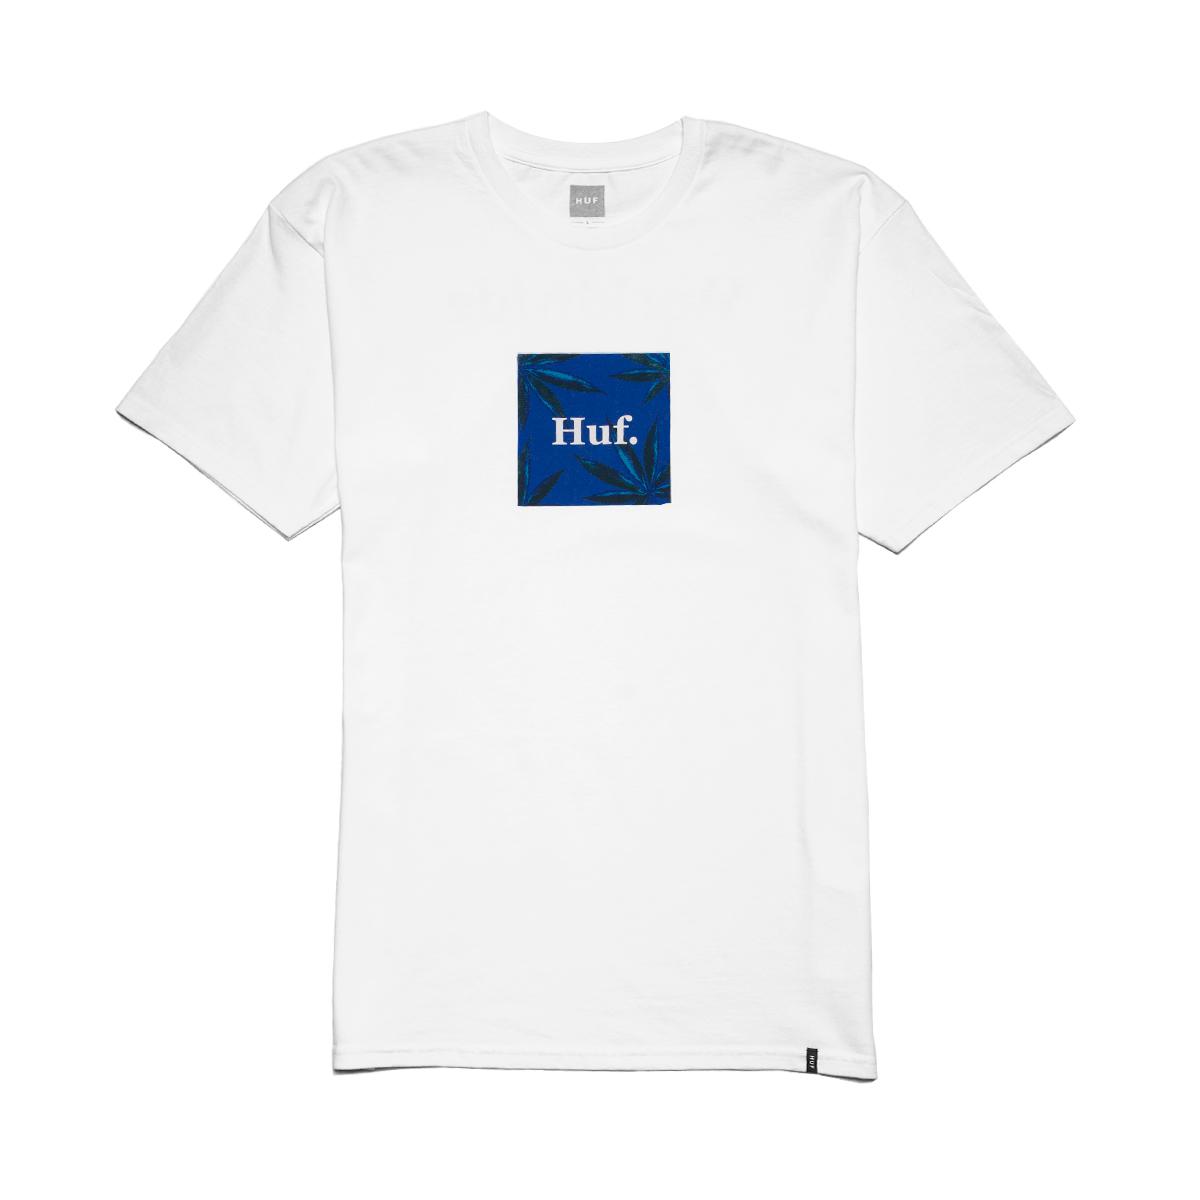 Koszulka HUF PLP S/S Woven Label White